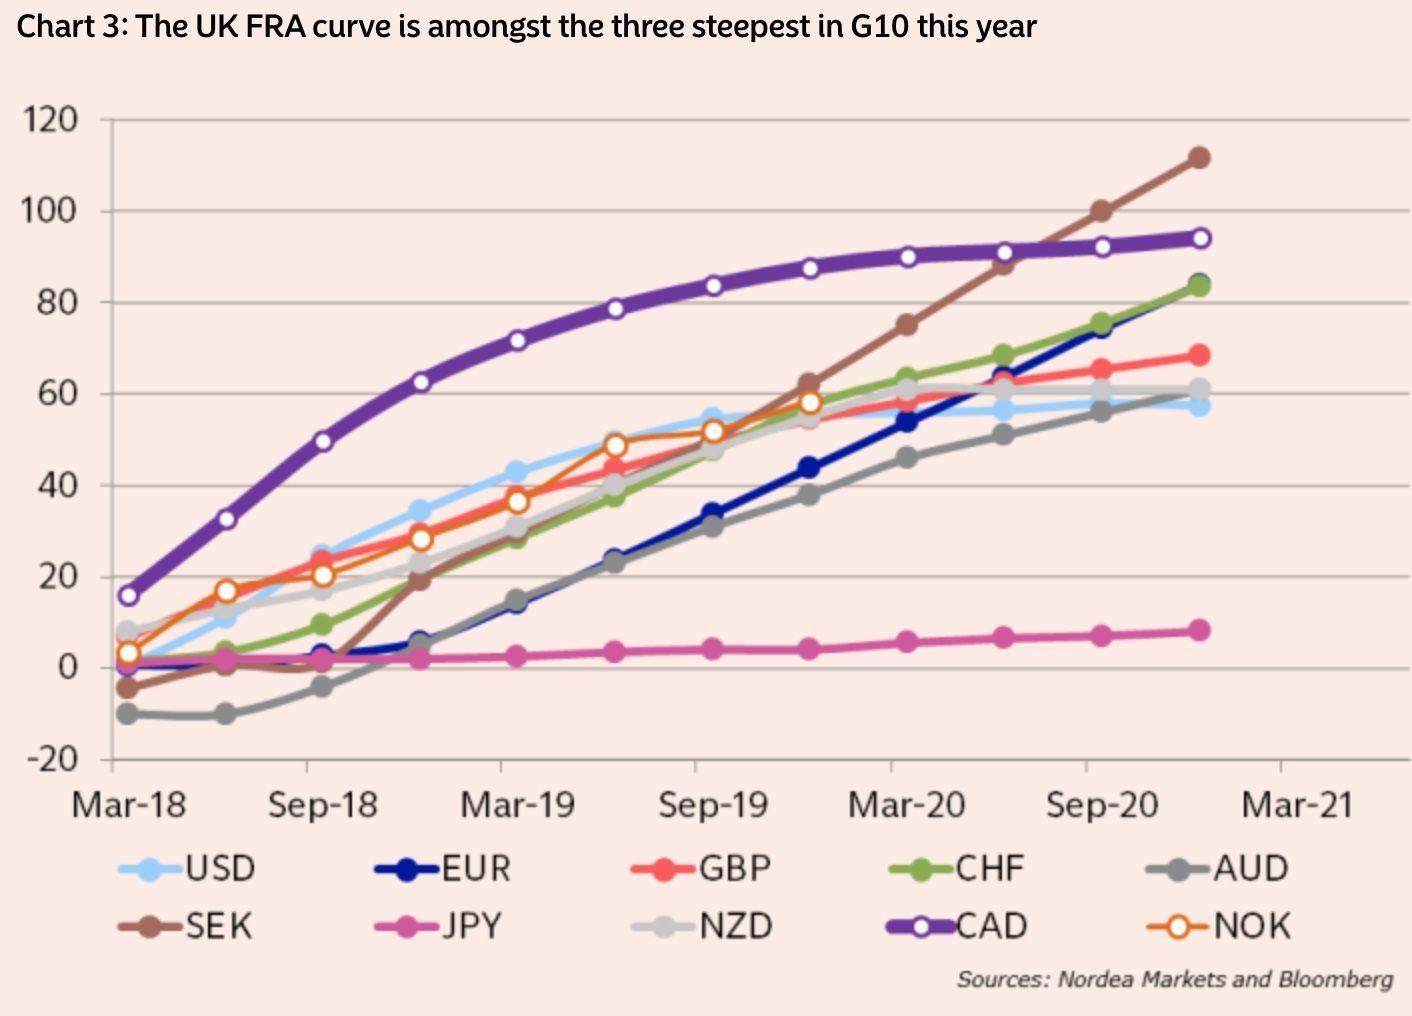 北欧联合银行:跟随市场一致看好英镑?